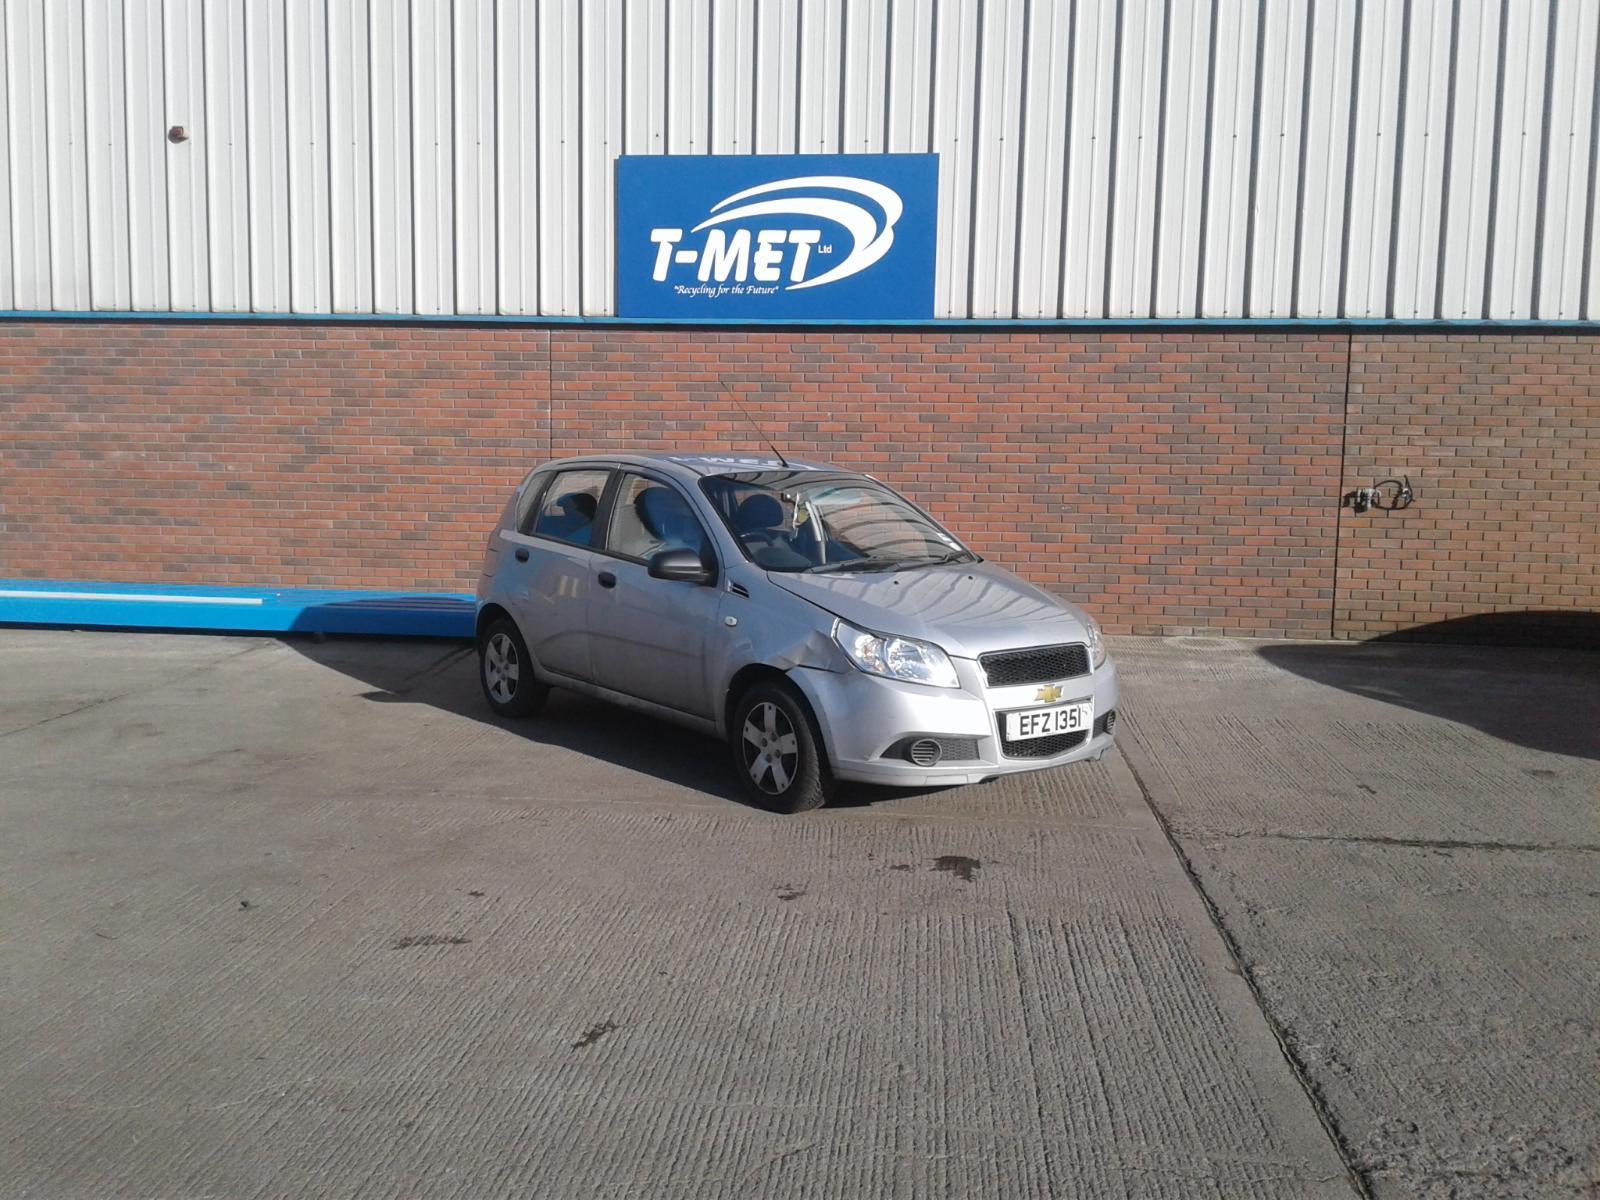 2010 Chevrolet AVEO S Image